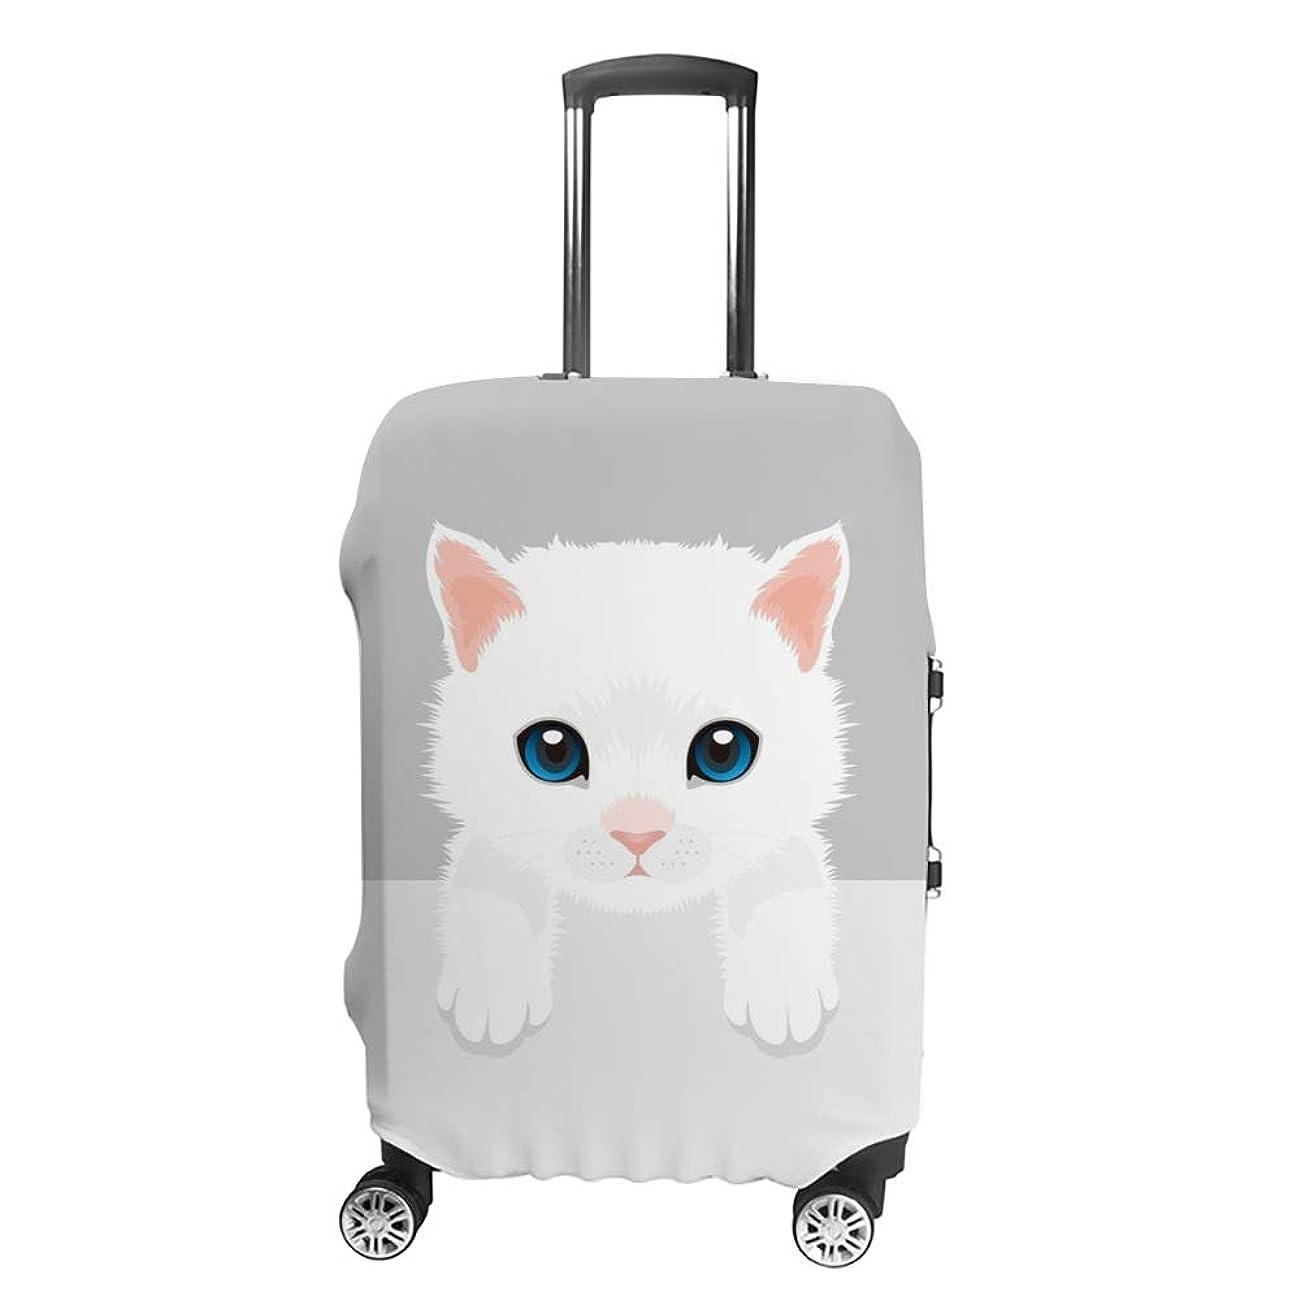 頭蓋骨捧げる誇張する旅人 スーツケースカバー 伸縮素材 猫柄 ベルシャ かわいい キャリーバッグ お荷物カバ 保護 傷や汚れから守る ジッパー 水洗える 旅行 出張 S/M/L/XLサイズ